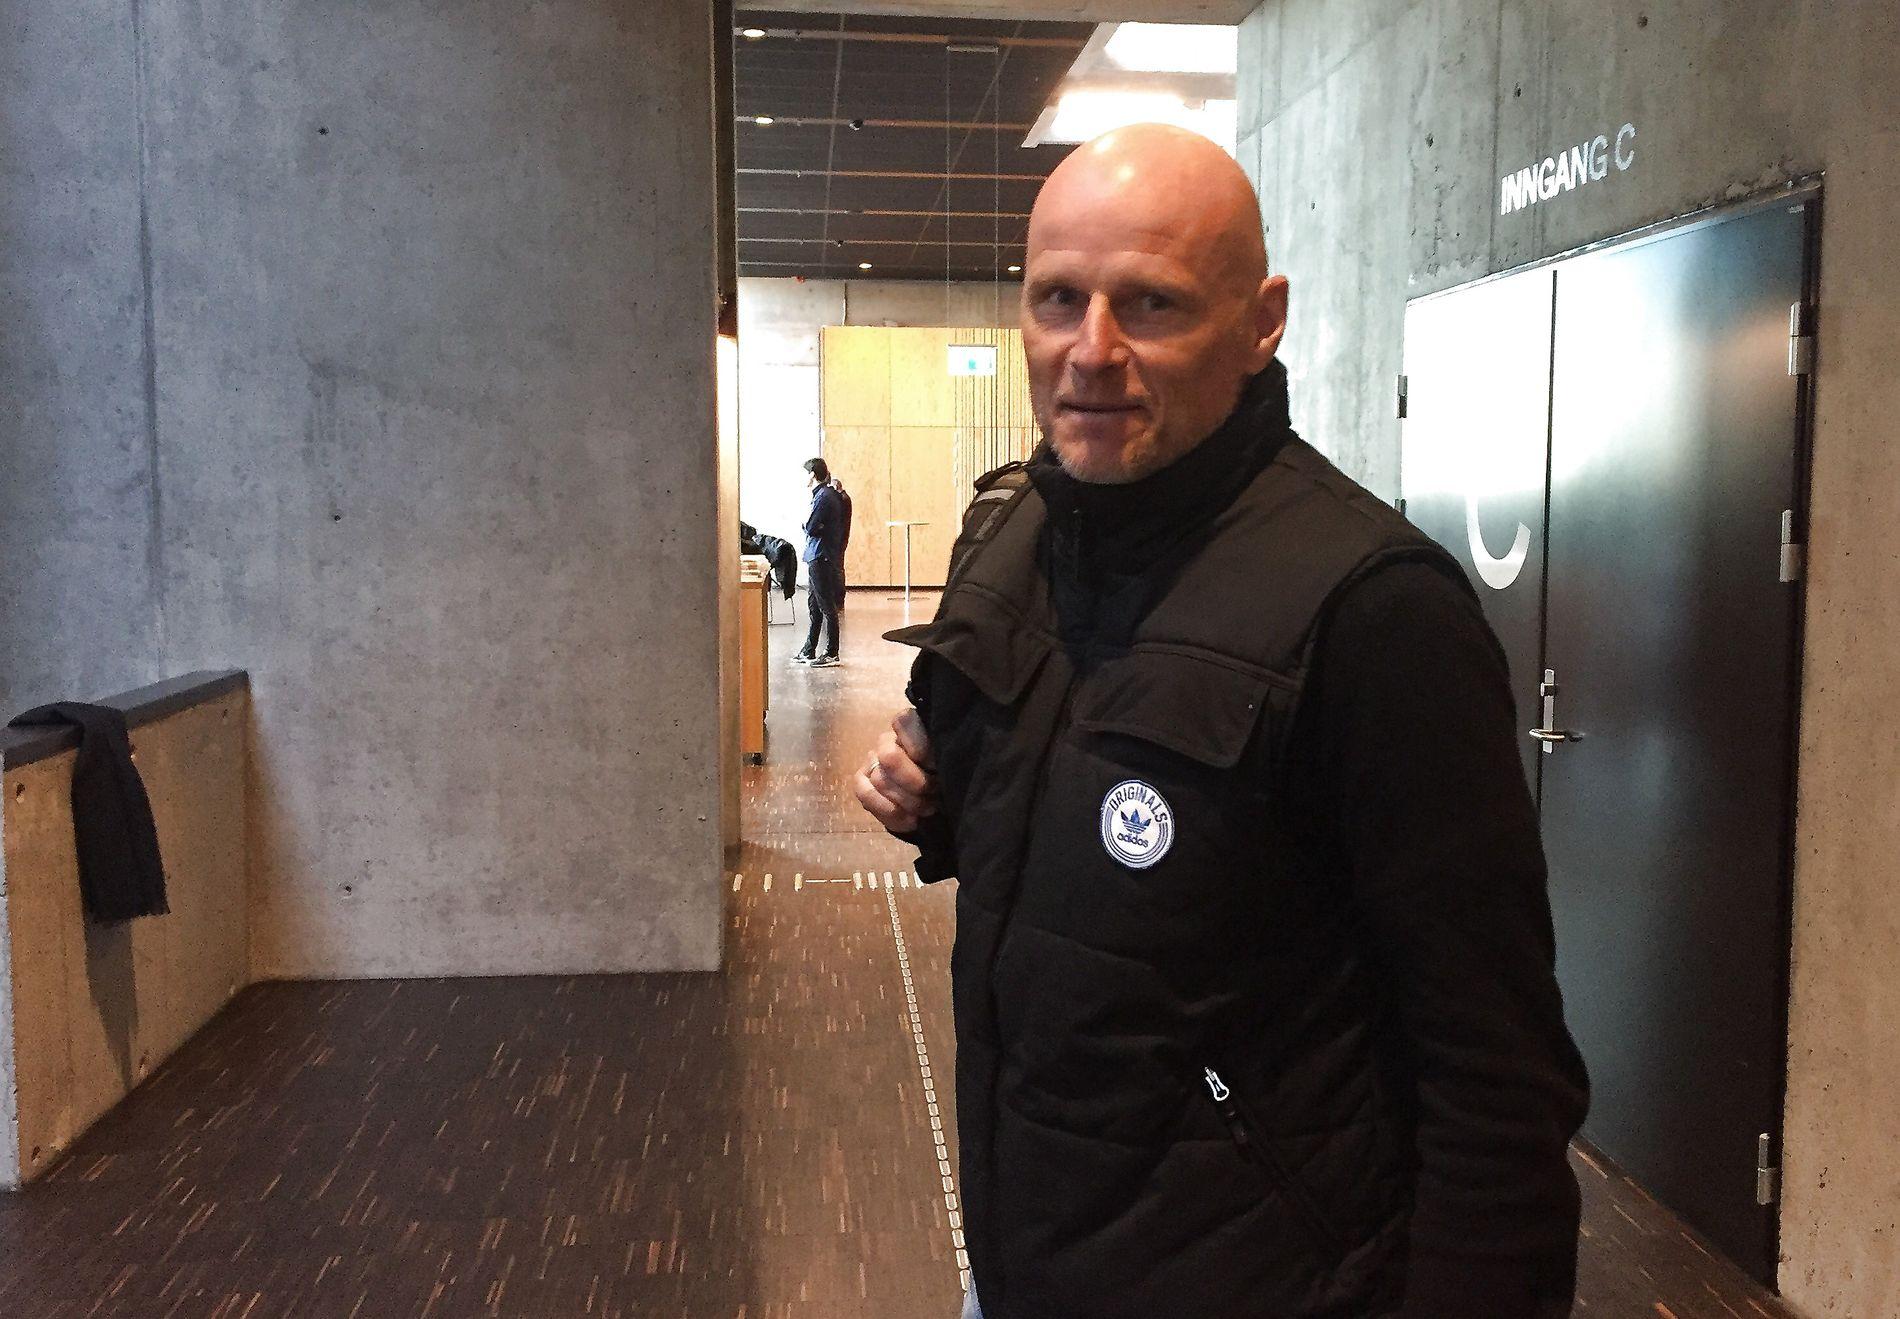 I NORGE: Ståle Solbakken holdt i dag et foredrag i forbindelse med Idrettsgallaen på Hamar. Foto: Joachim Baardsen/VG